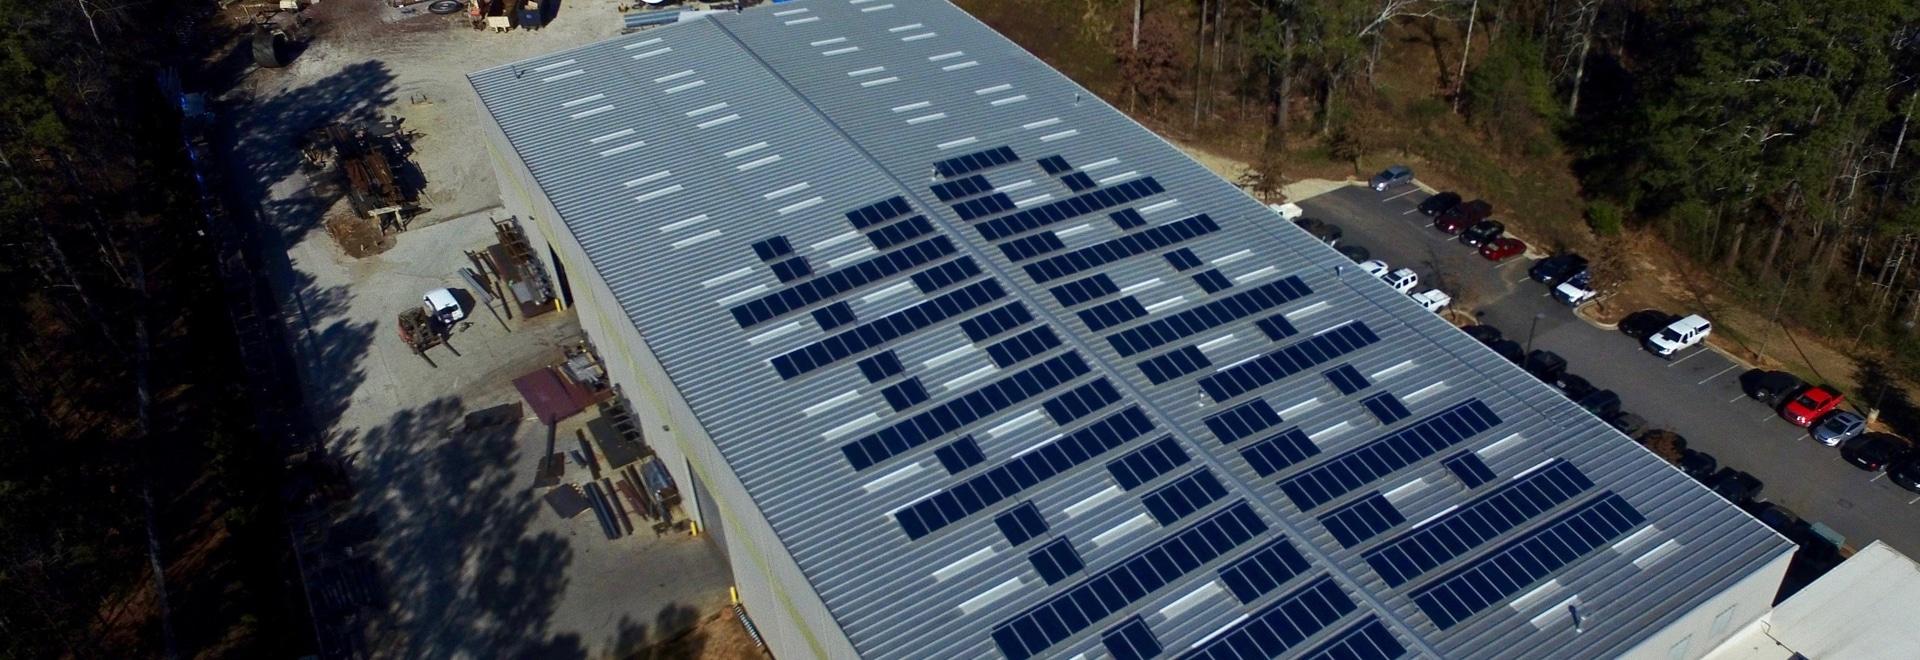 L'énergie solaire réduit les besoins de l'électricité du fabricant, empreinte de pas de carbone